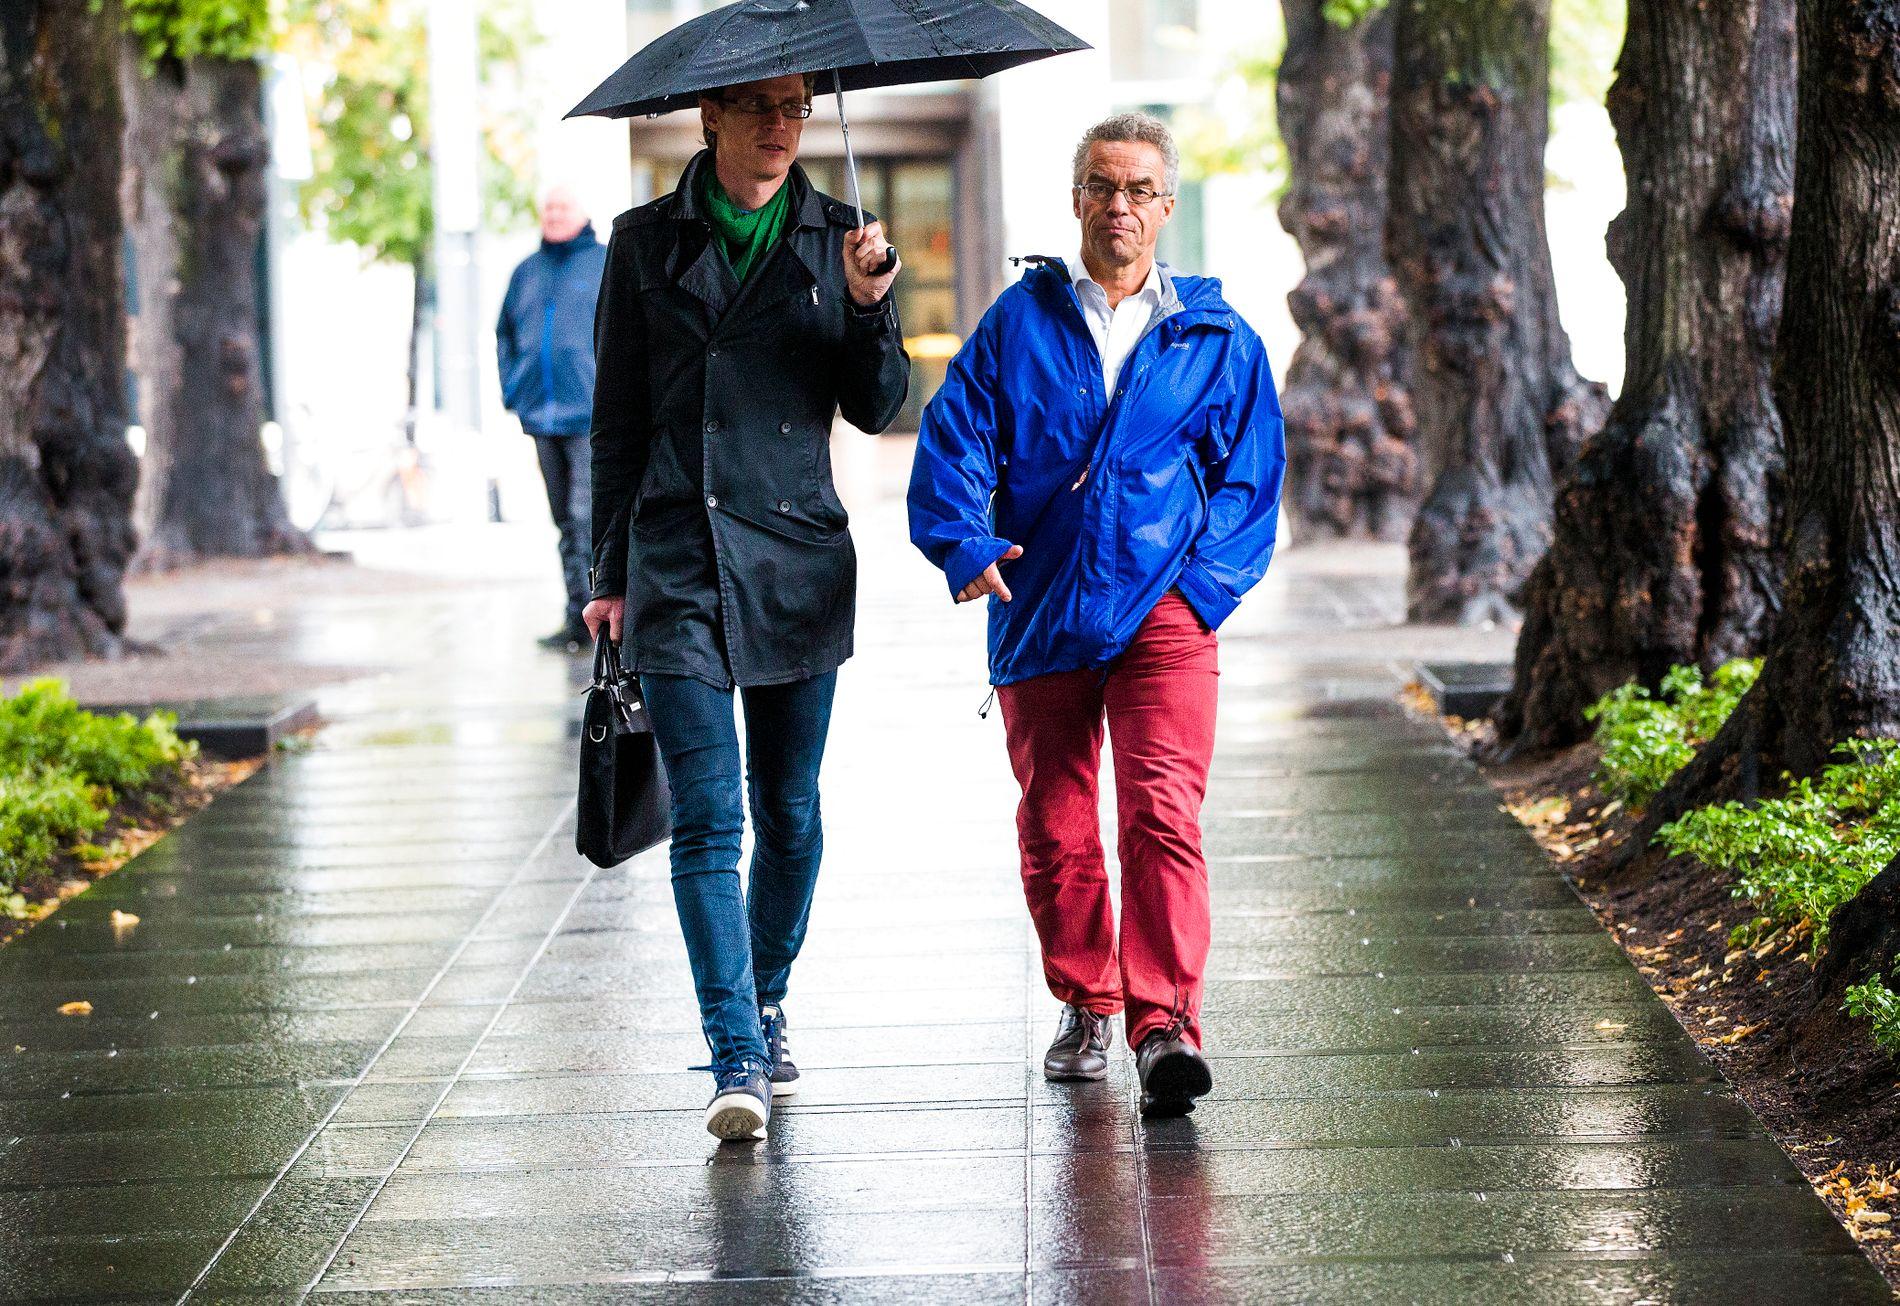 GÅR HELST: Rasmus Hansson (til høyre) foretrekker helst å gå eller sykle. Sjelden kjører han familiens dieselbil, som utelukkende går på biodiesel.